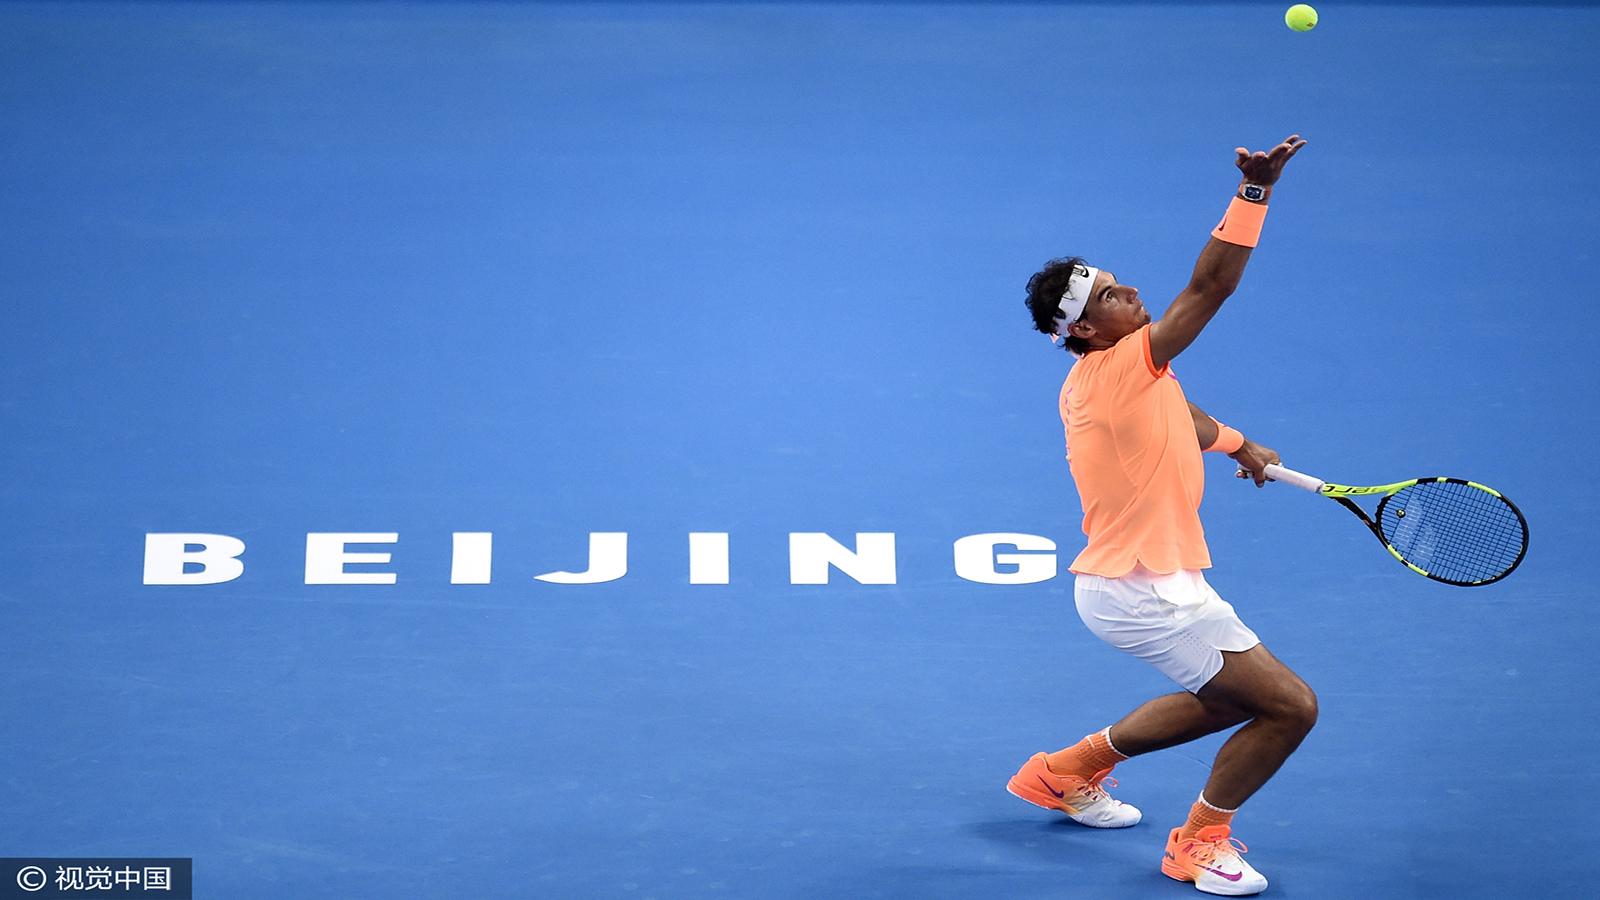 2016中国网球公开赛纳达尔_新浪体育纳达尔确认参加2014中国网球公开赛